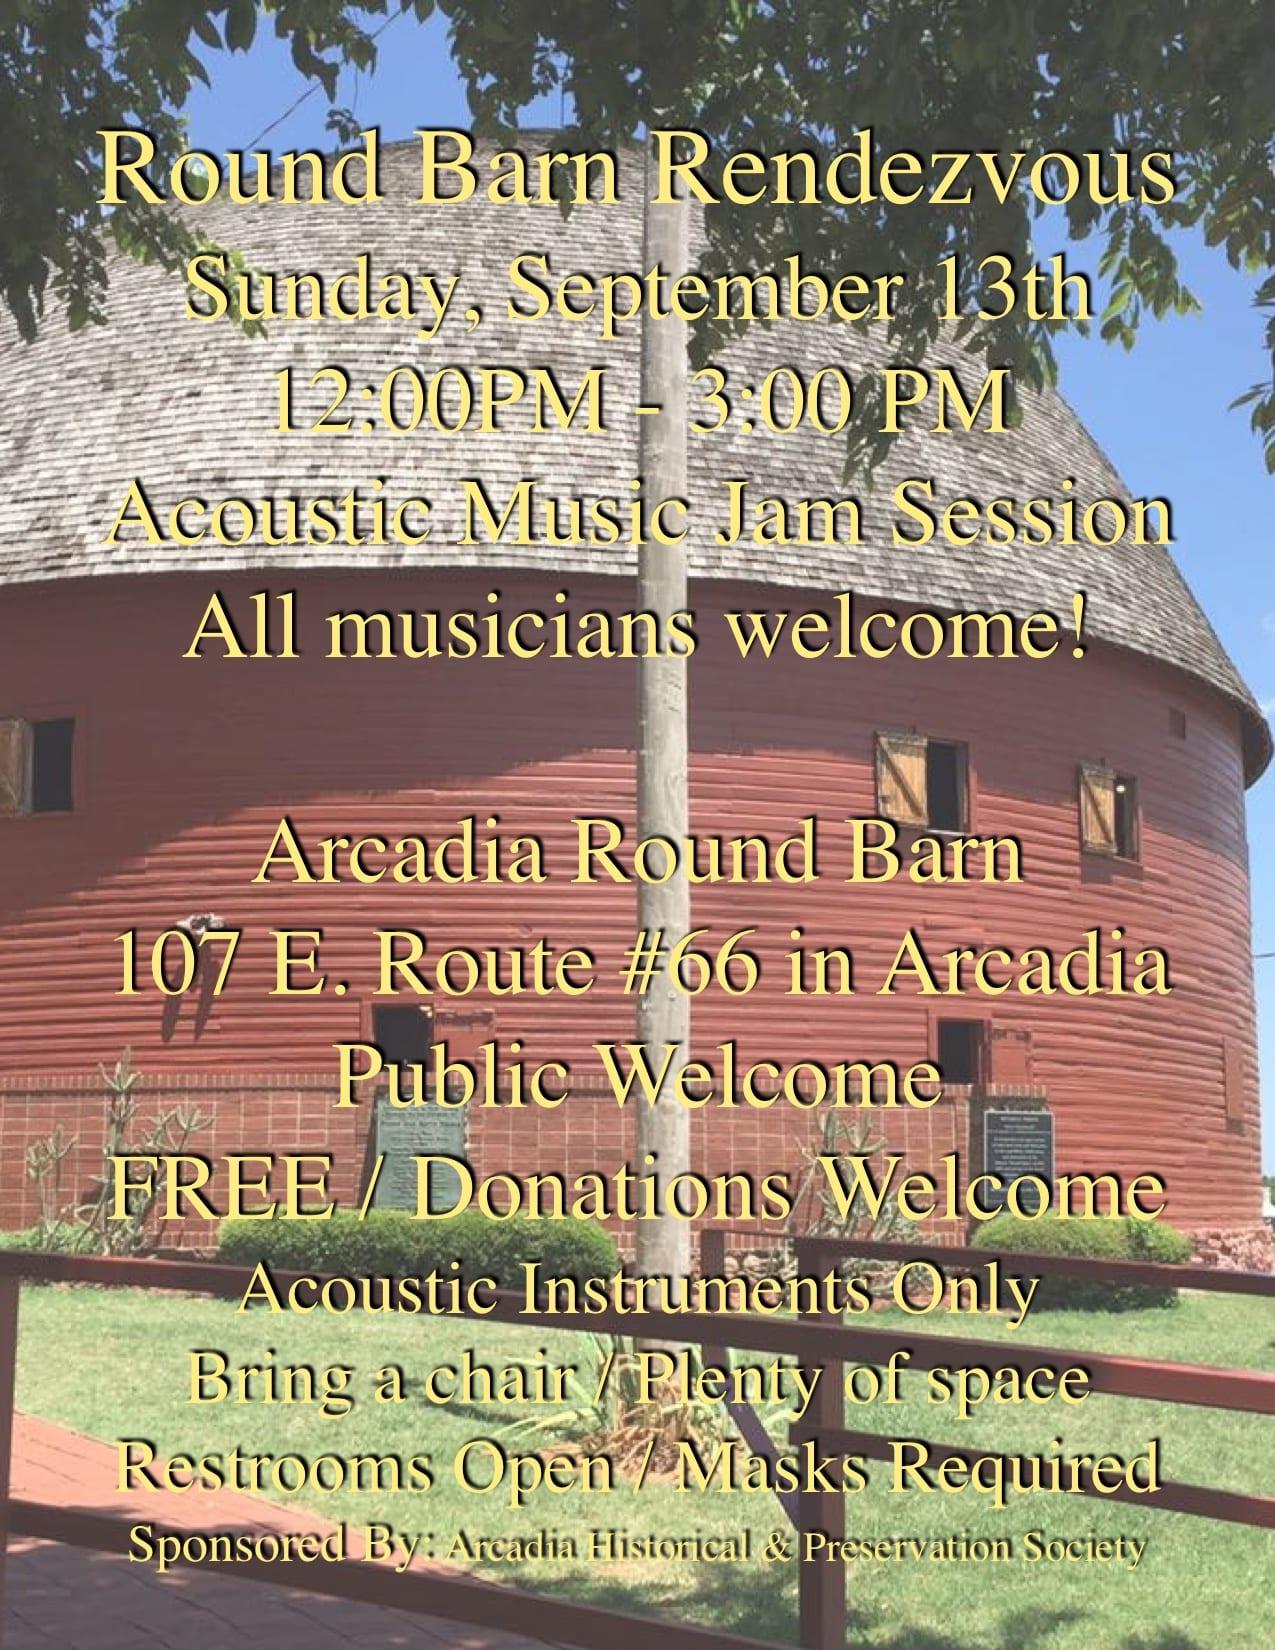 Round Barn Rendezvous 2020-09-13